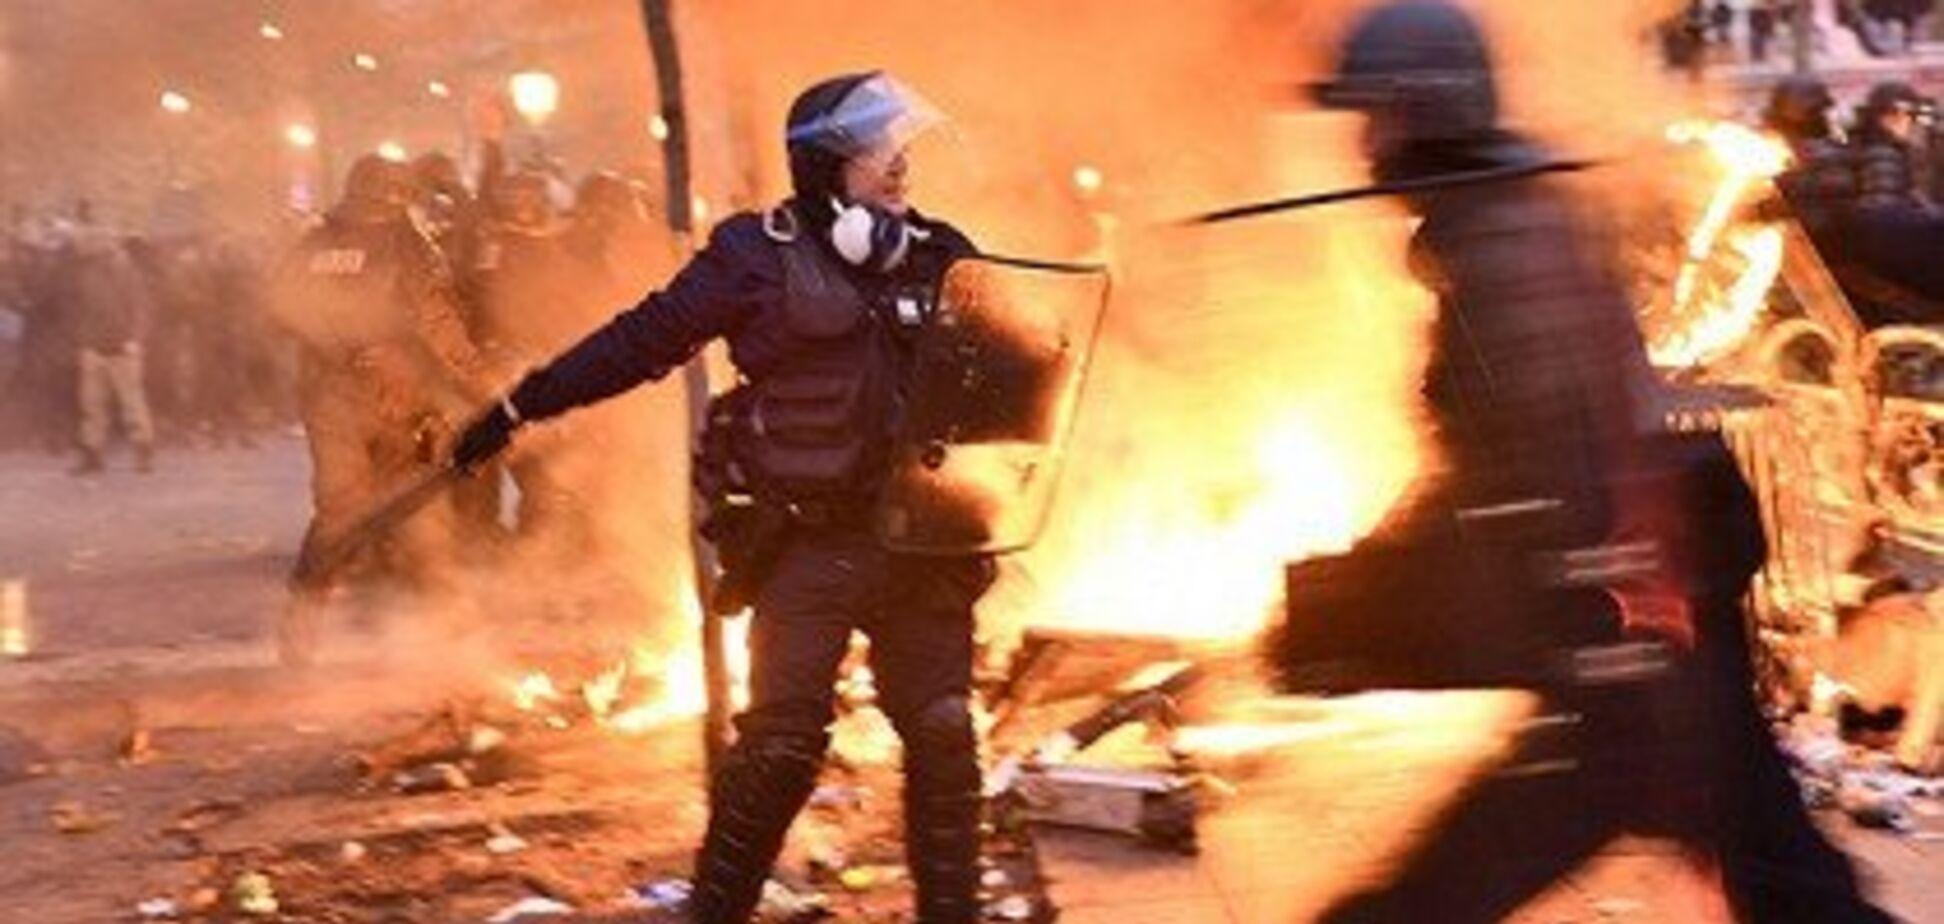 Предсказавший пожар в Нотр-Даме провидец дал мрачный прогноз на 2020 год